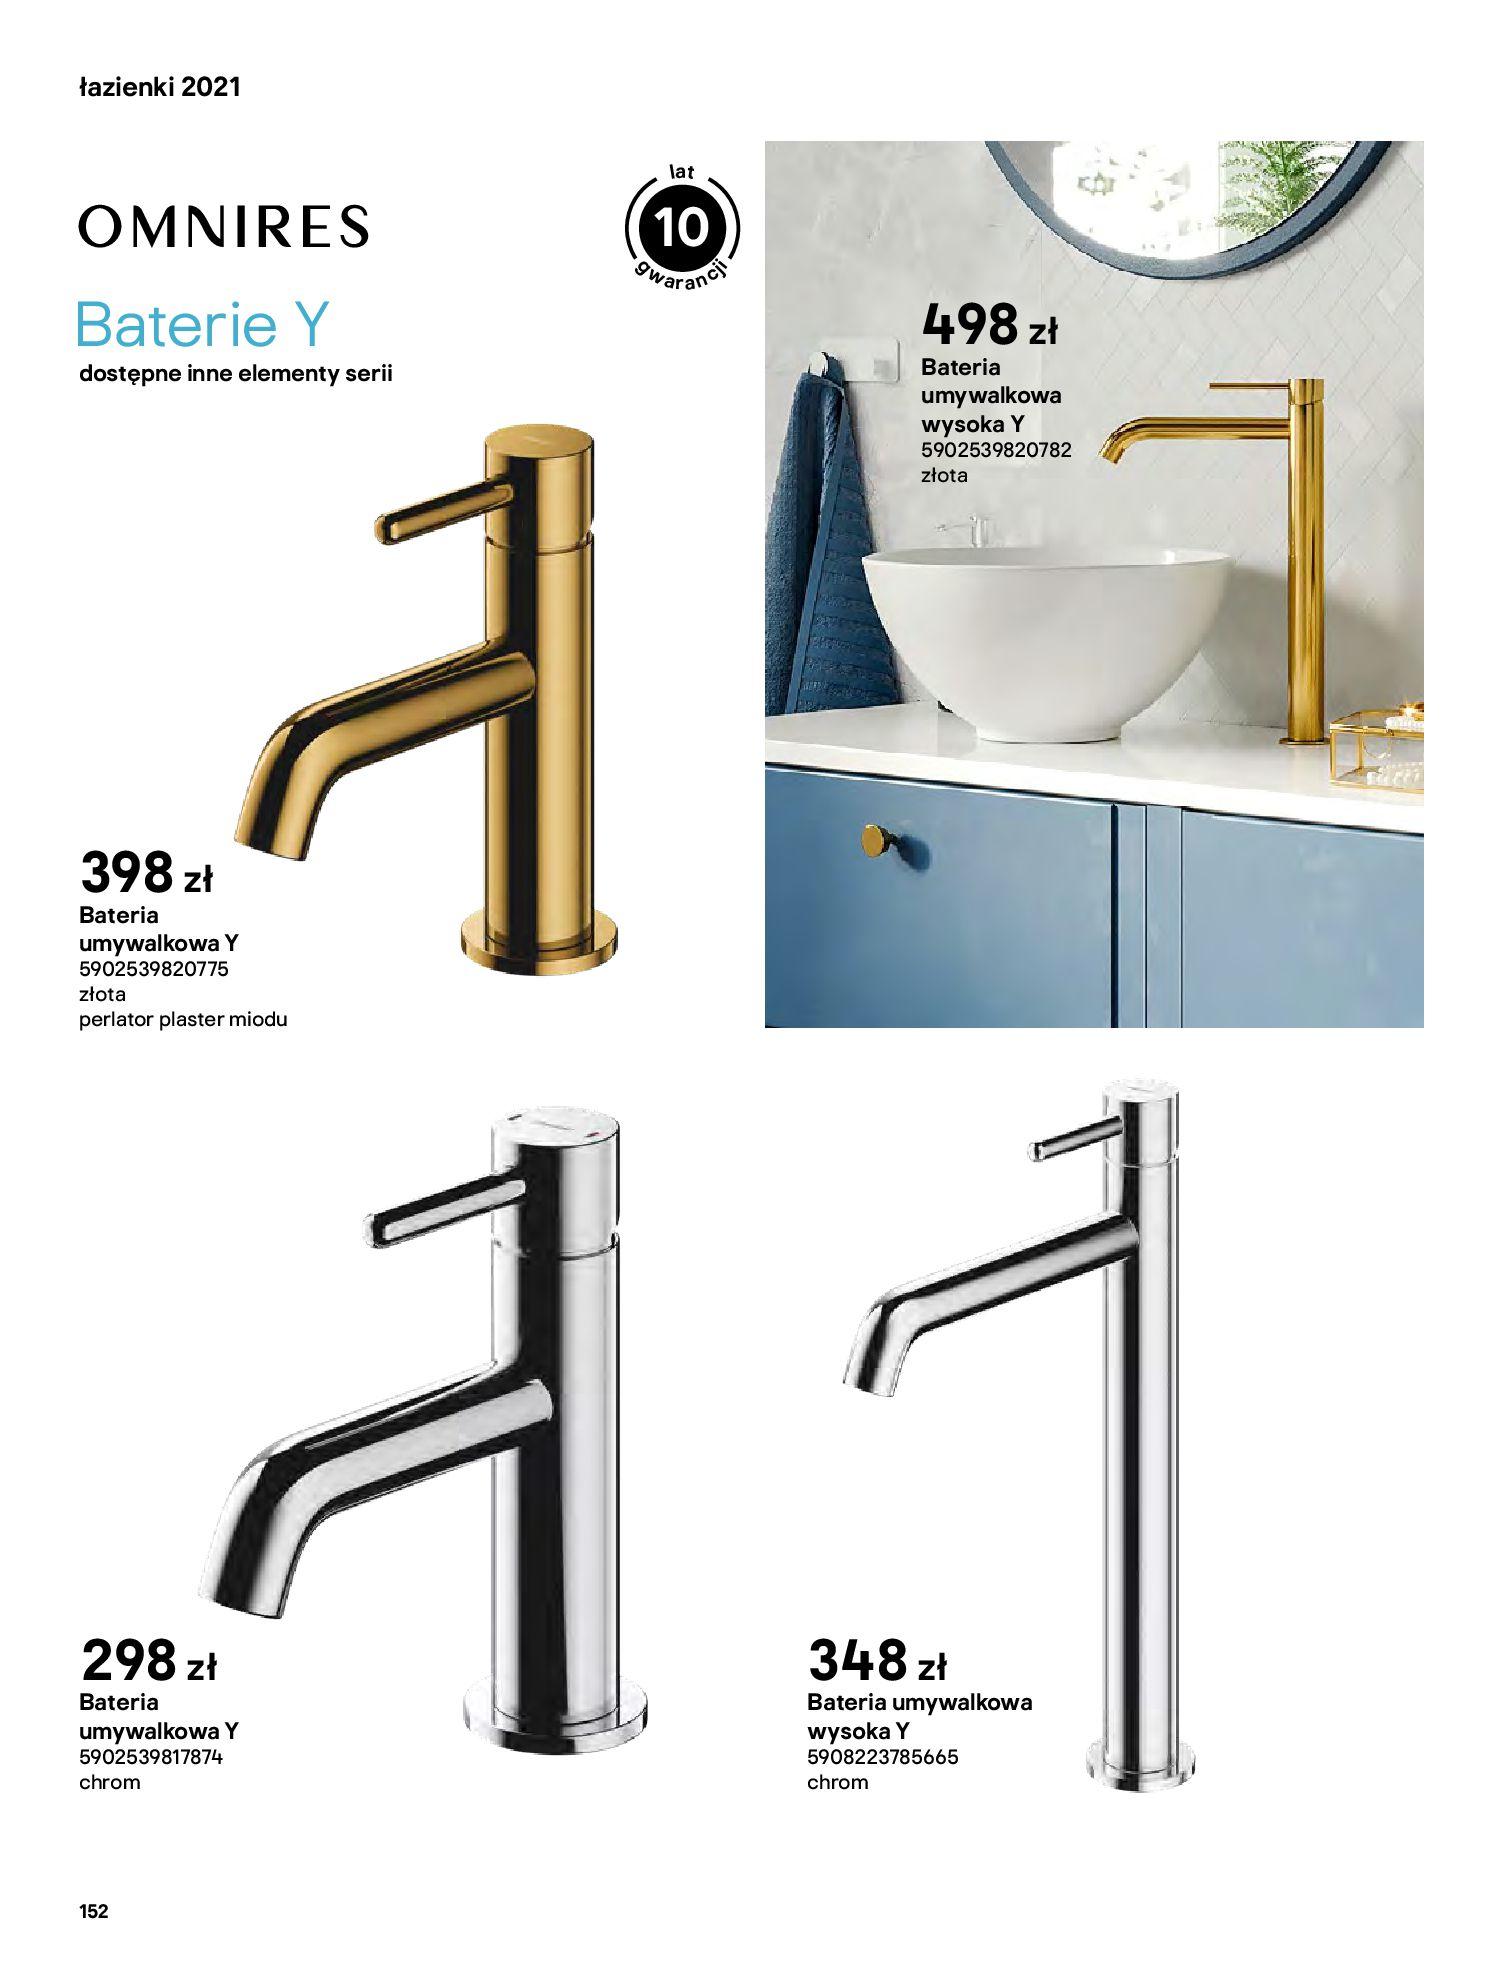 Gazetka Castorama: Gazetka Castorama - katalog łazienki 2021 2021-06-16 page-152